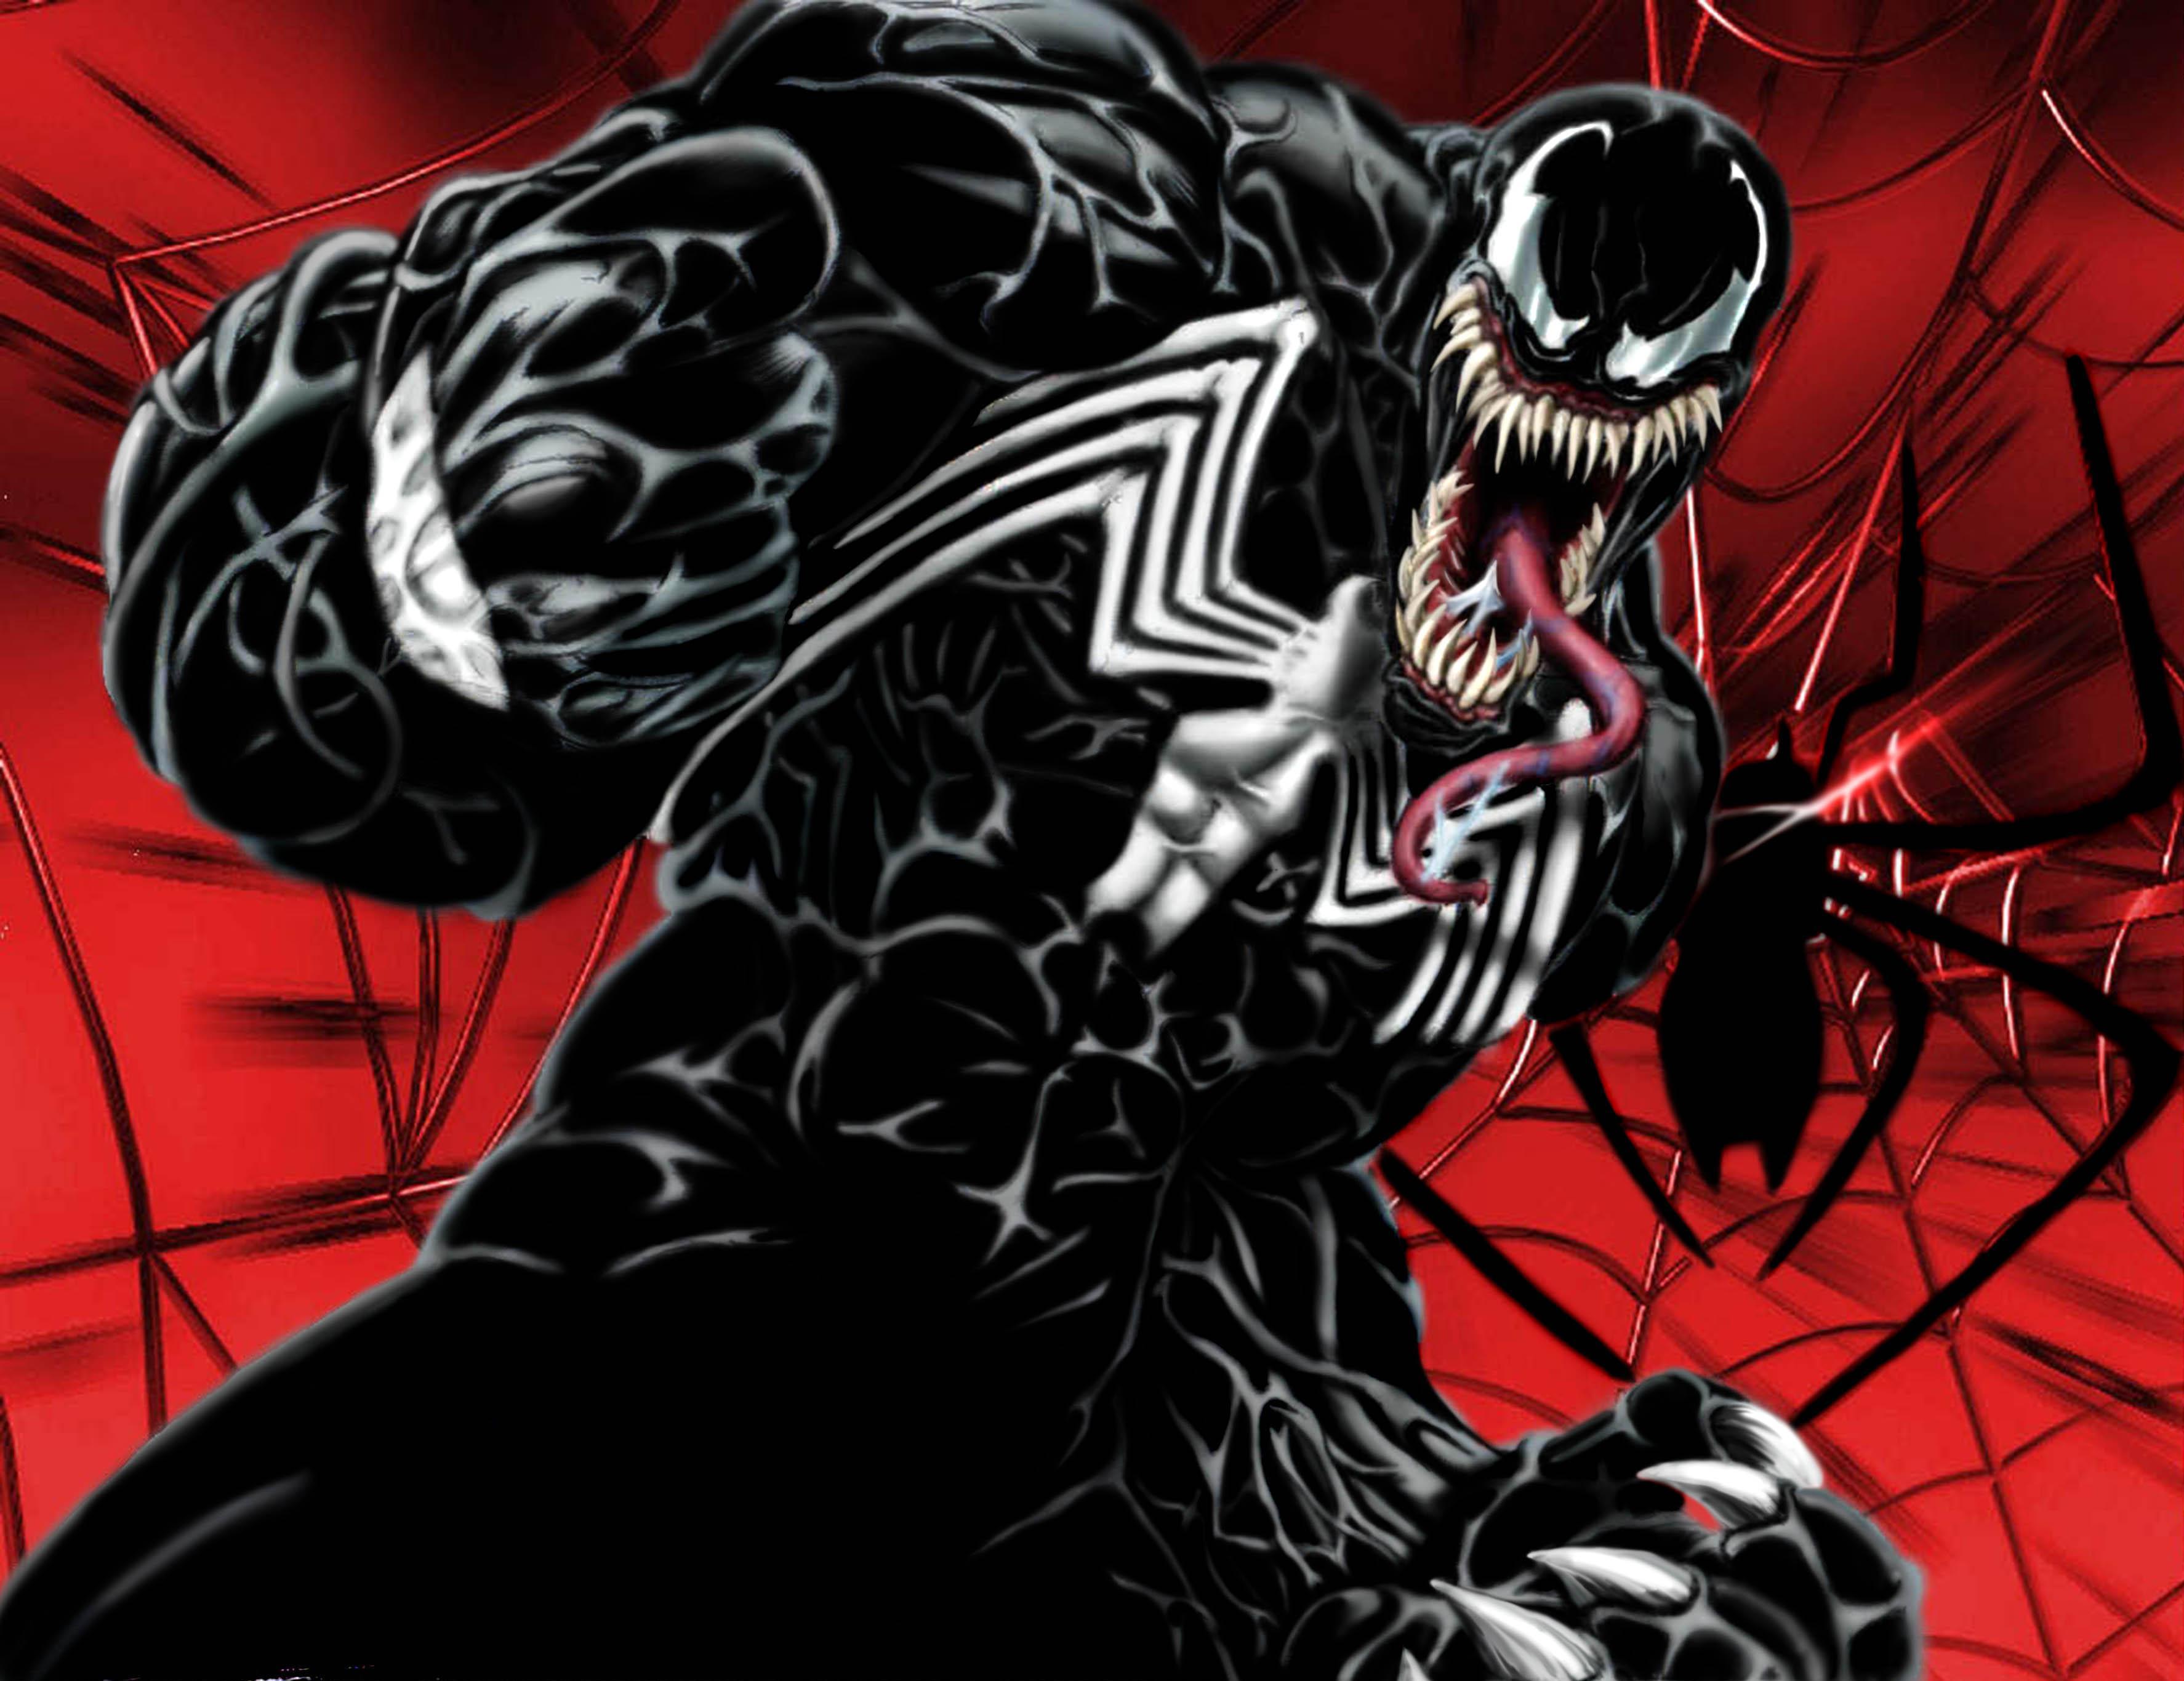 Человек паук и веном комикс 8 фотография